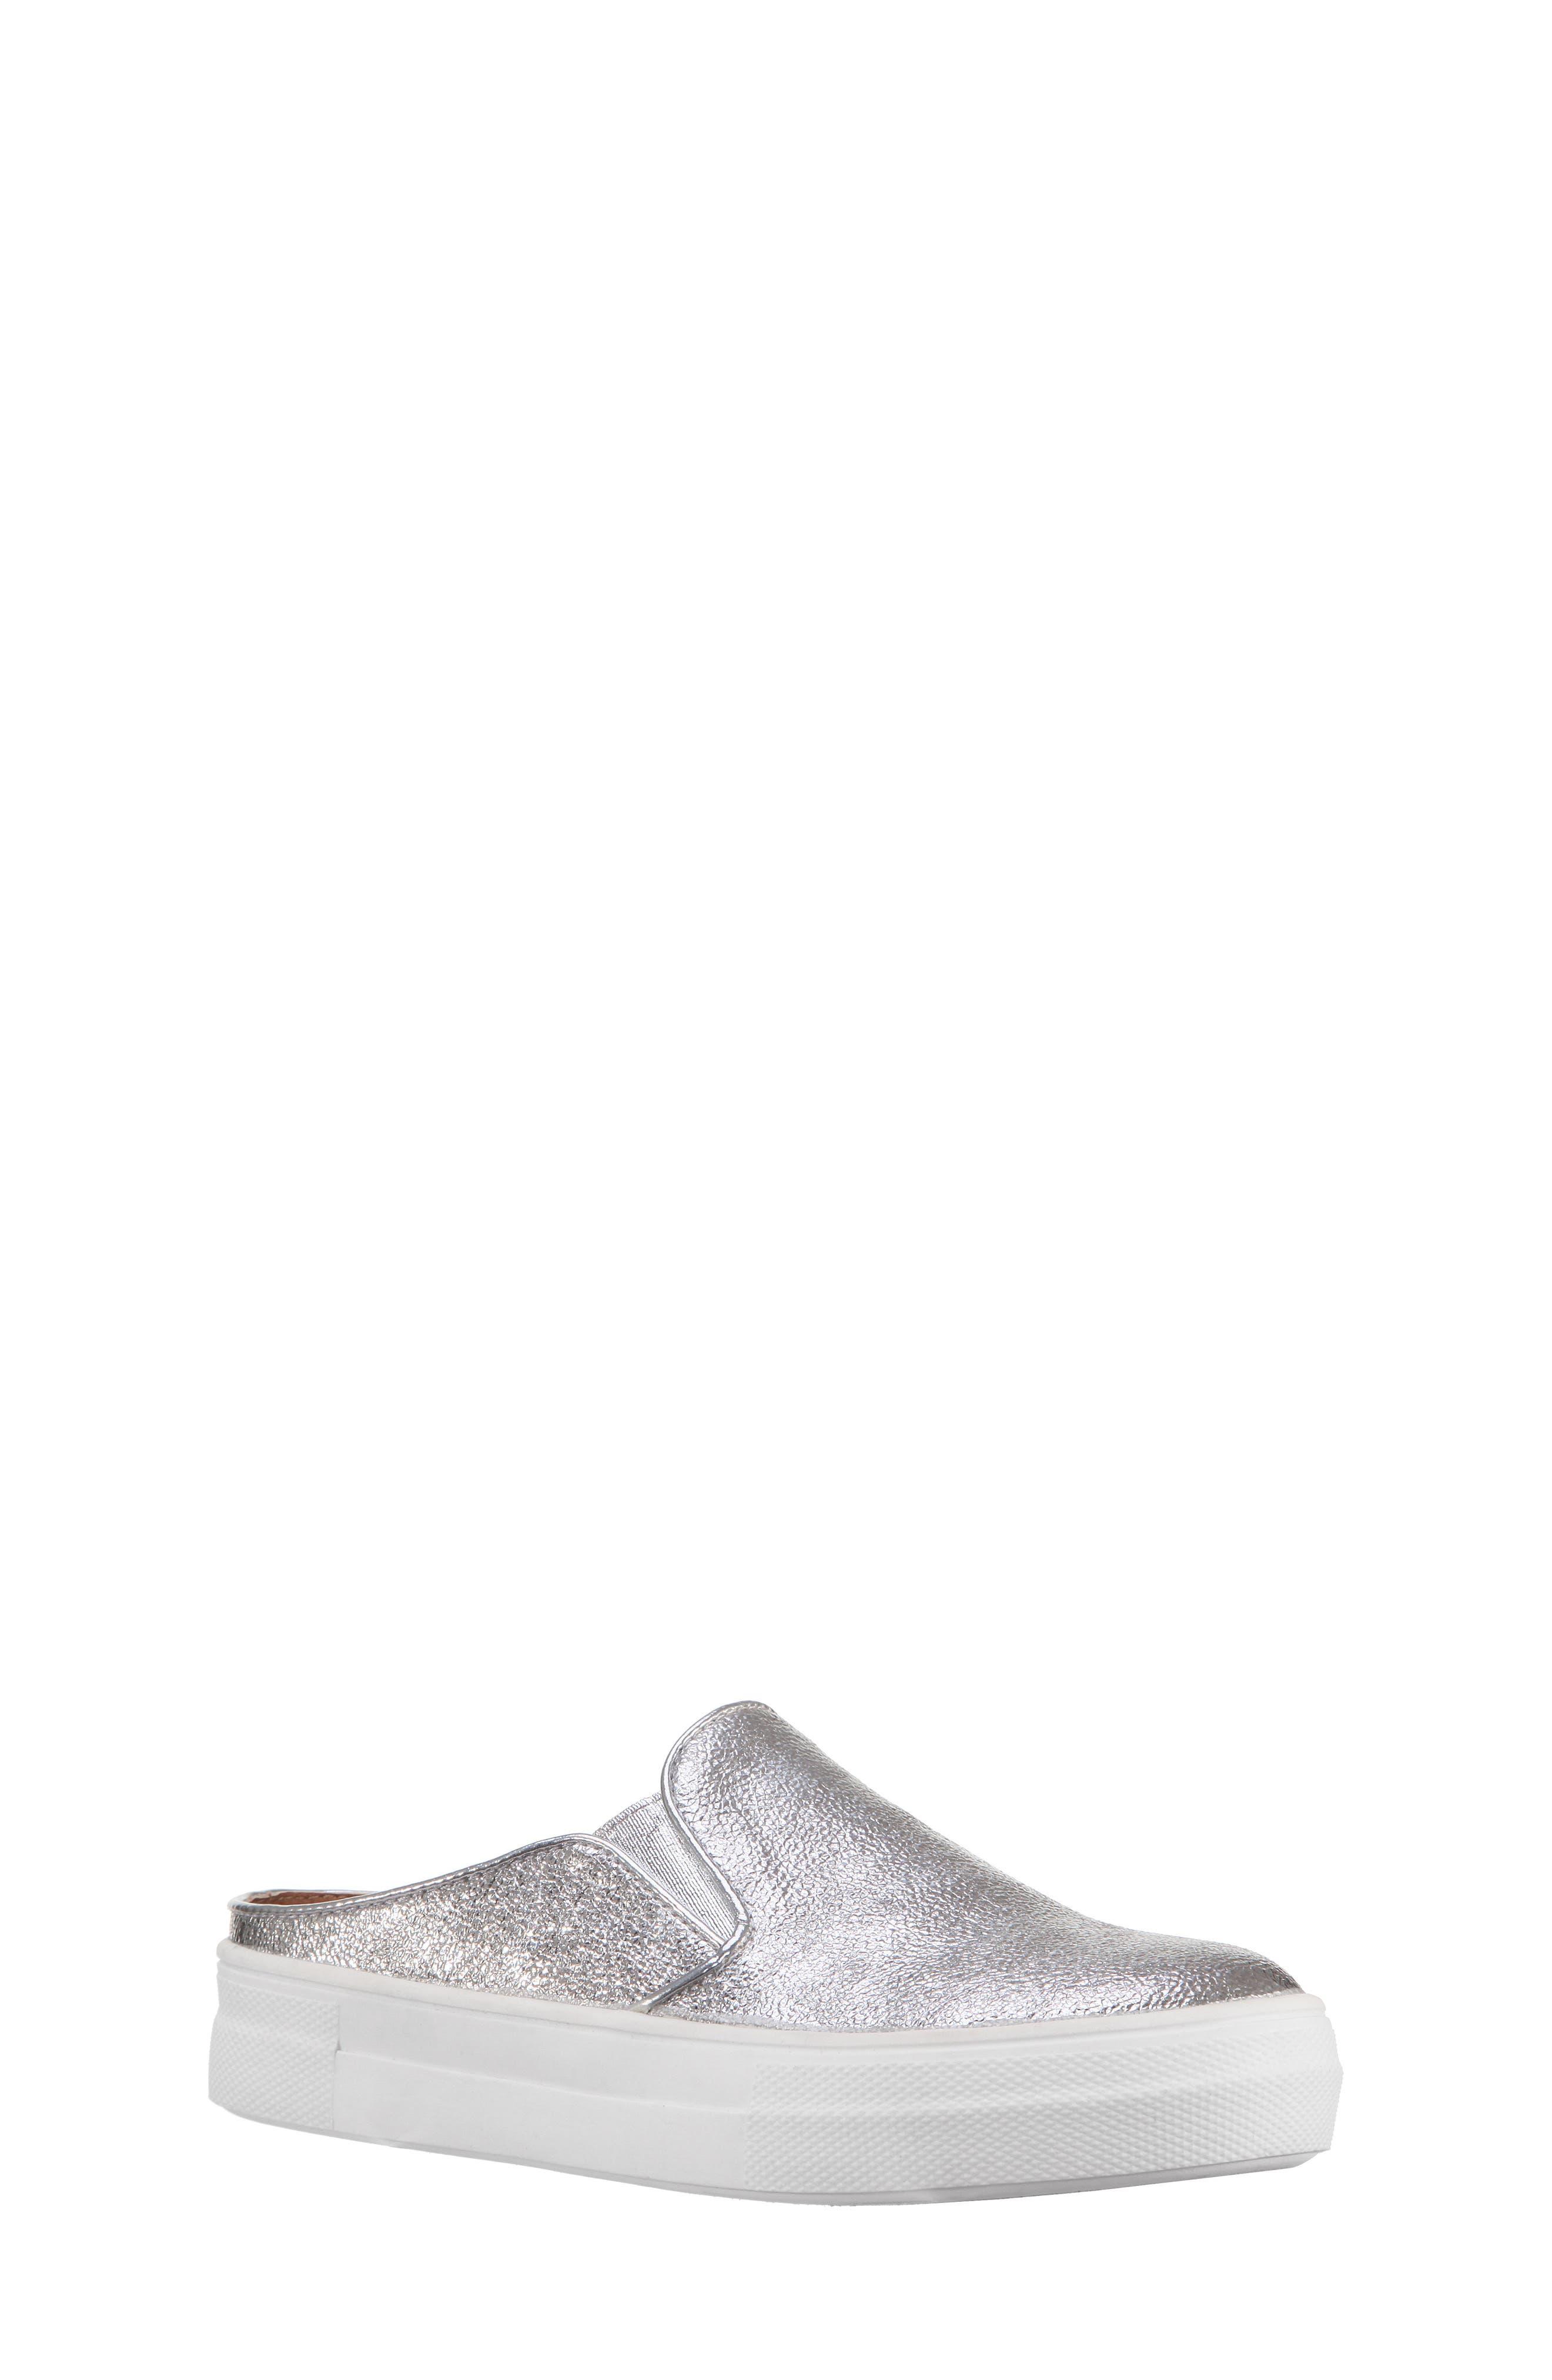 Gail Metallic Slip-On Sneaker Mule,                             Main thumbnail 1, color,                             044